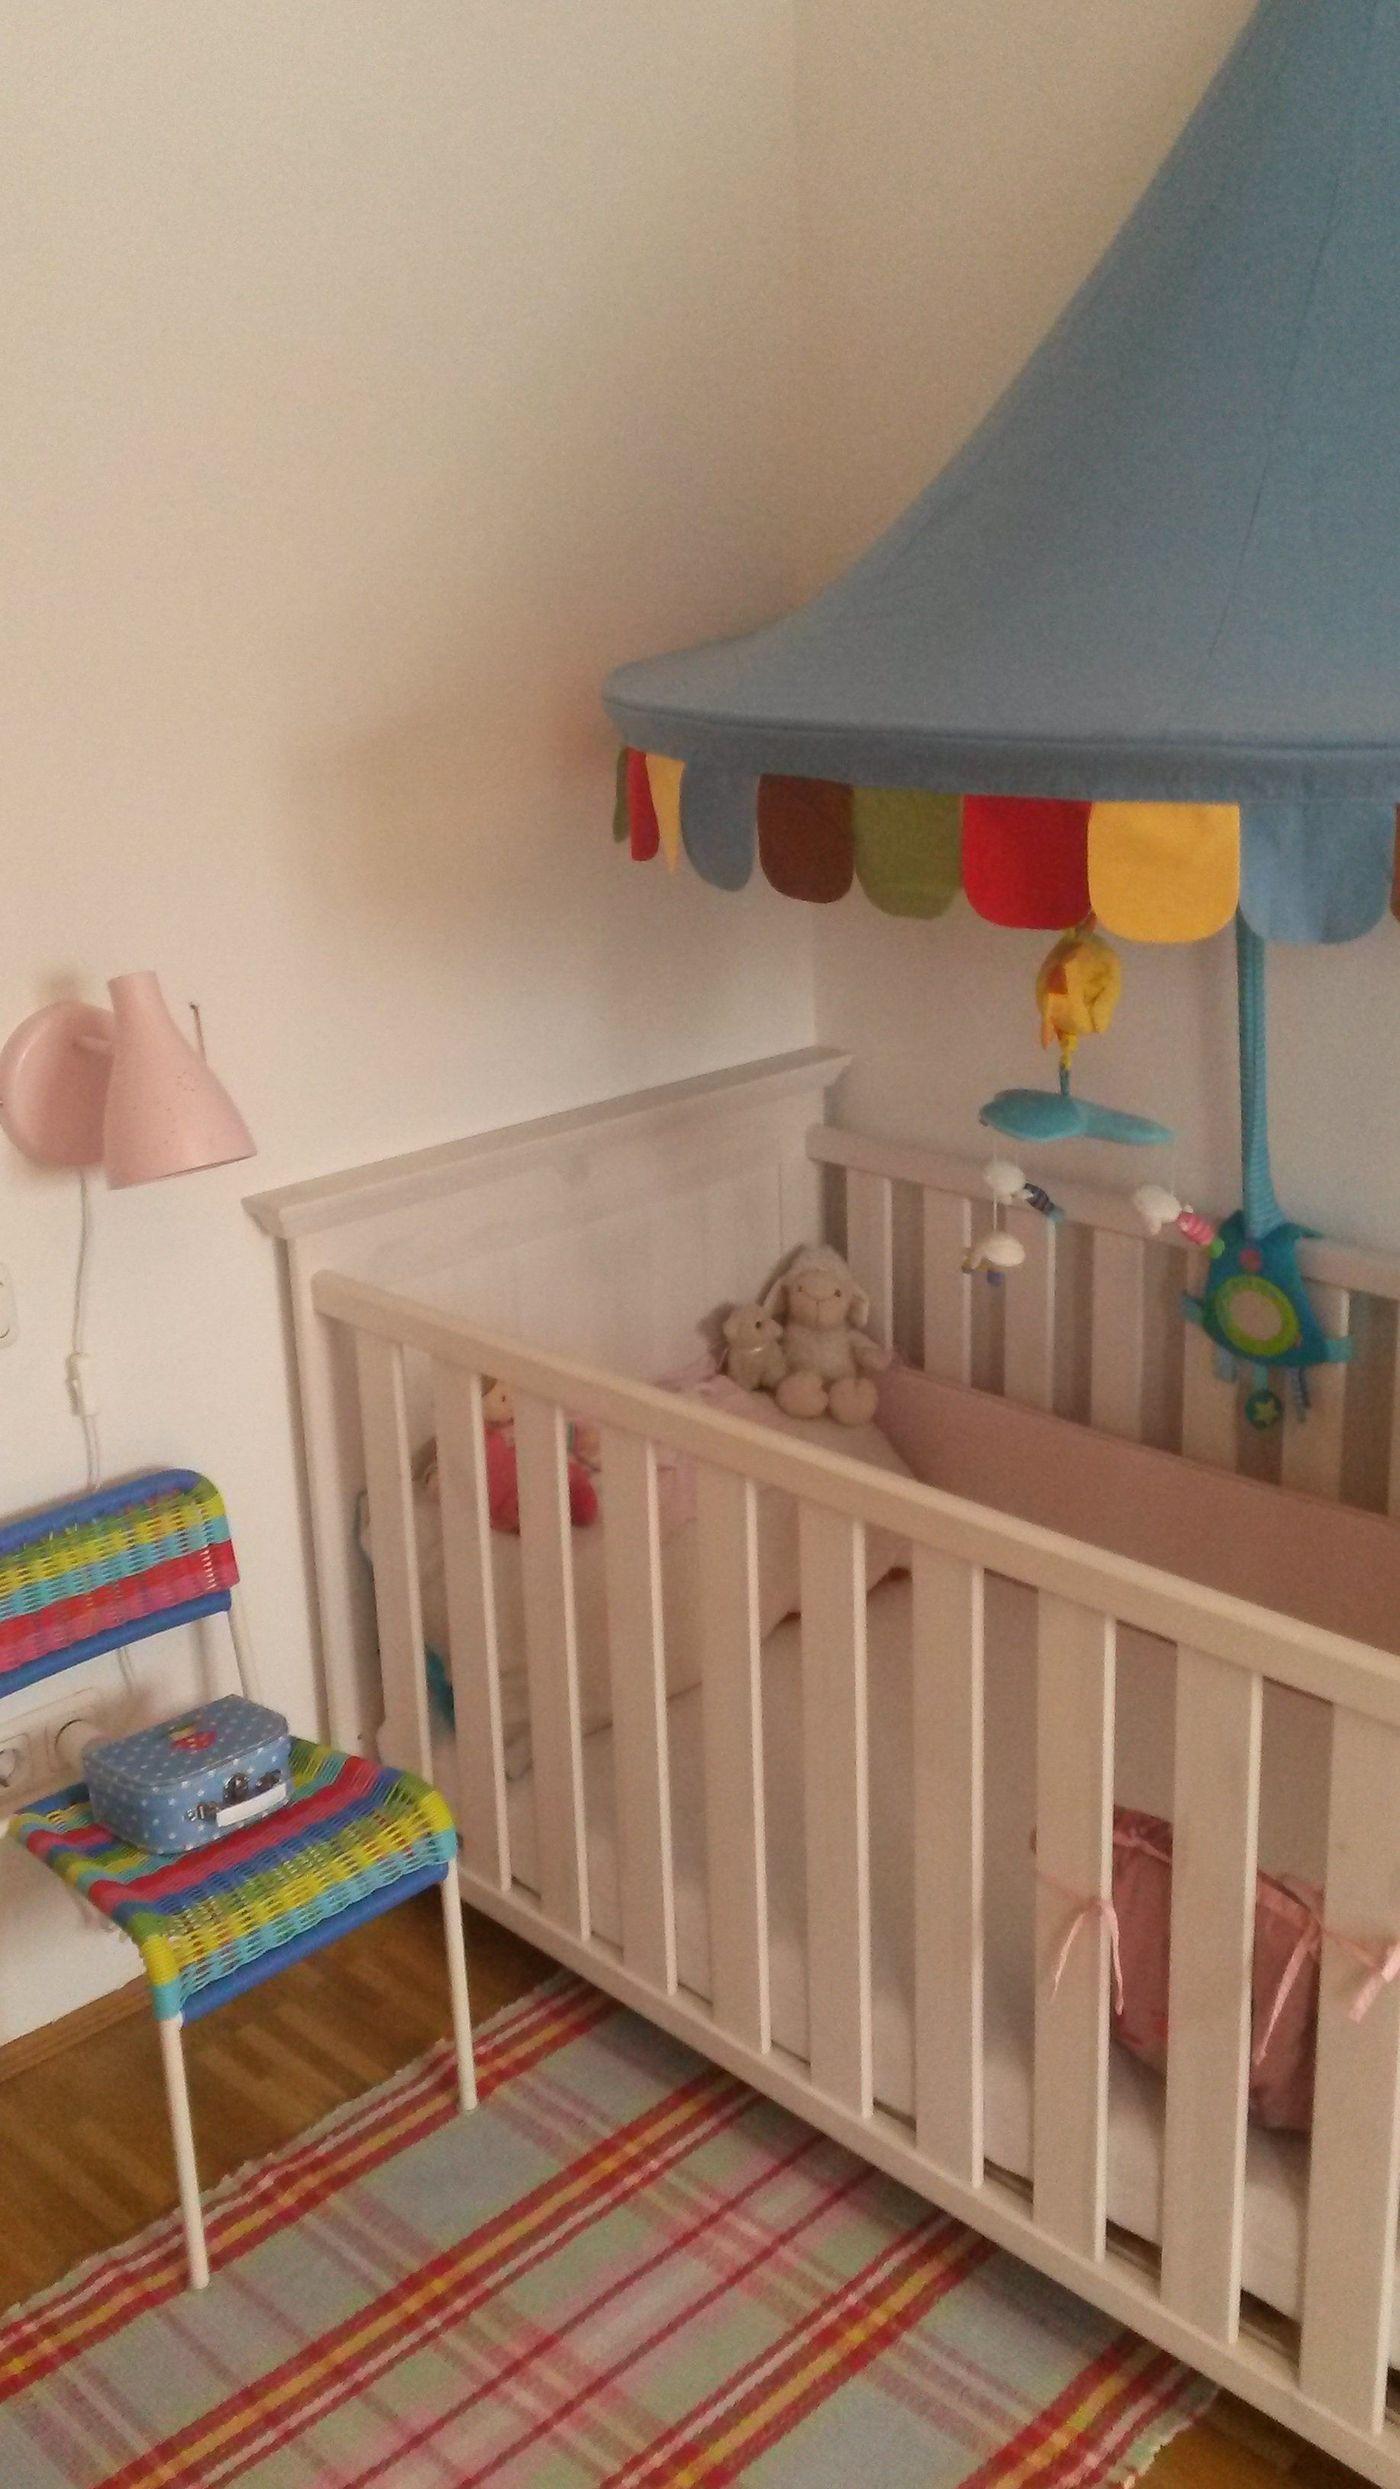 Wunderbar Kuschelhöhle Kinderzimmer Ideen Von Kinderzimmer. Kuschelhöhle